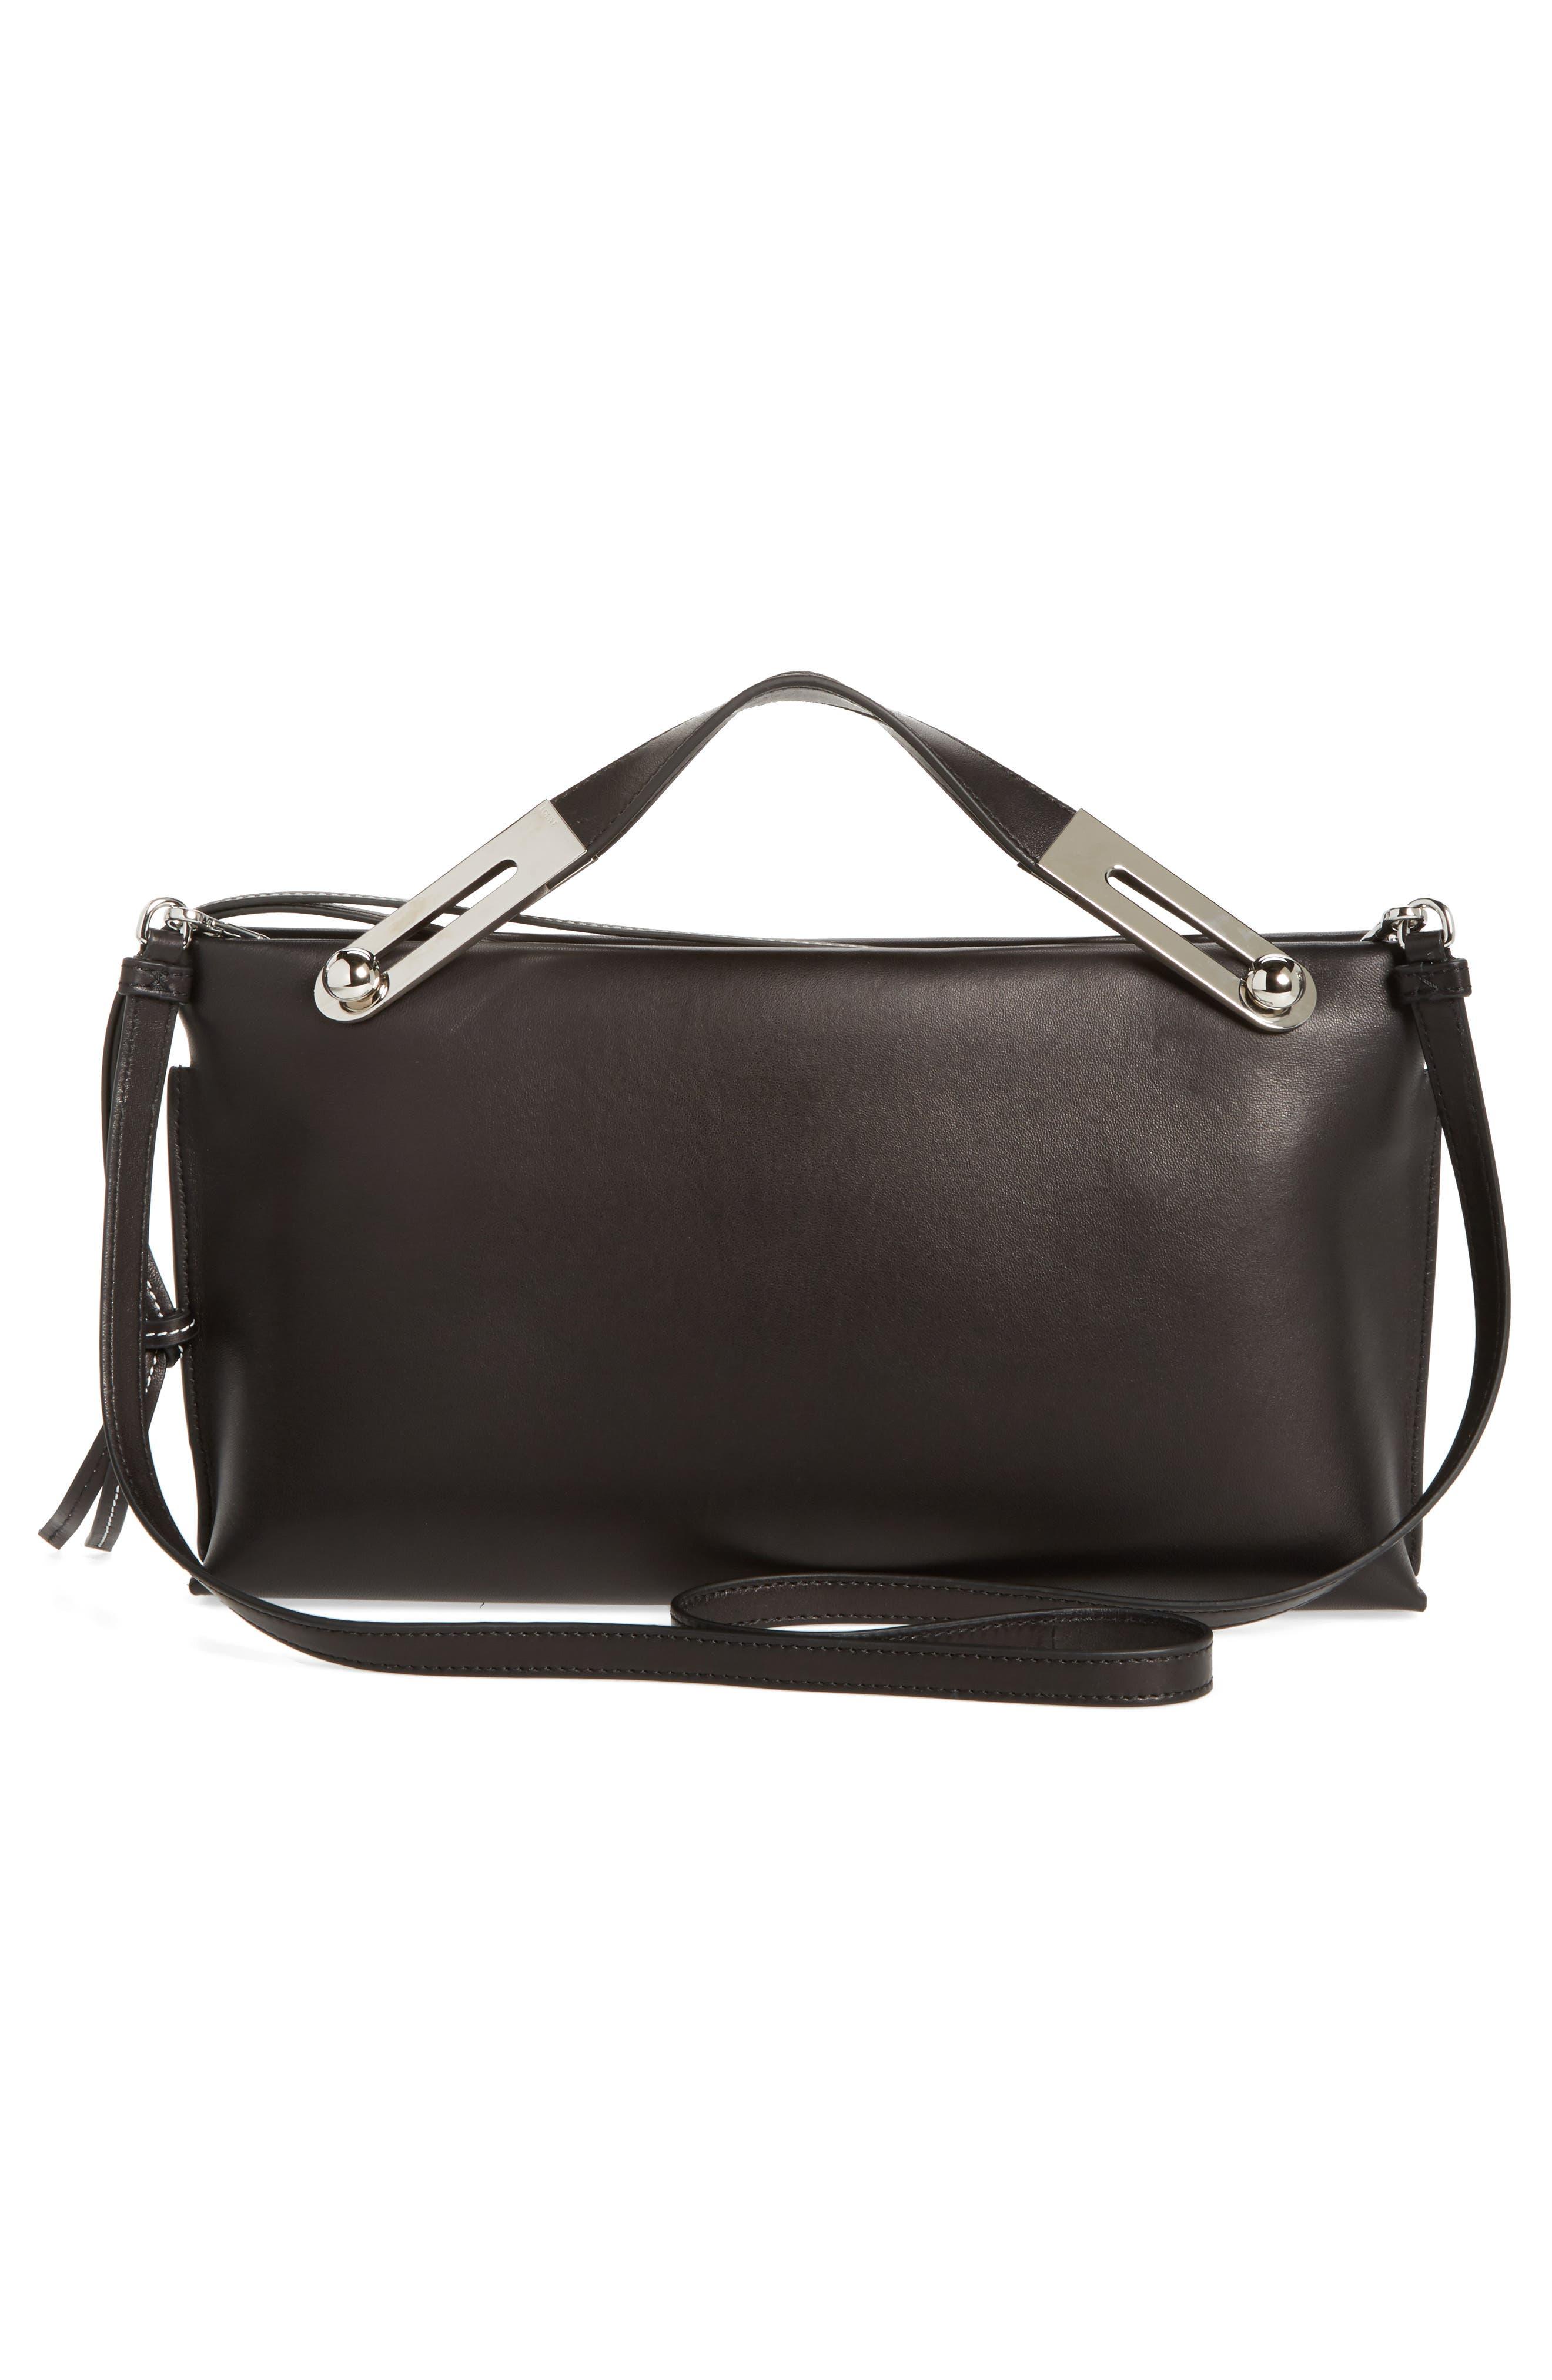 Missy Lambskin Leather Shoulder Bag,                             Alternate thumbnail 3, color,                             BLACK